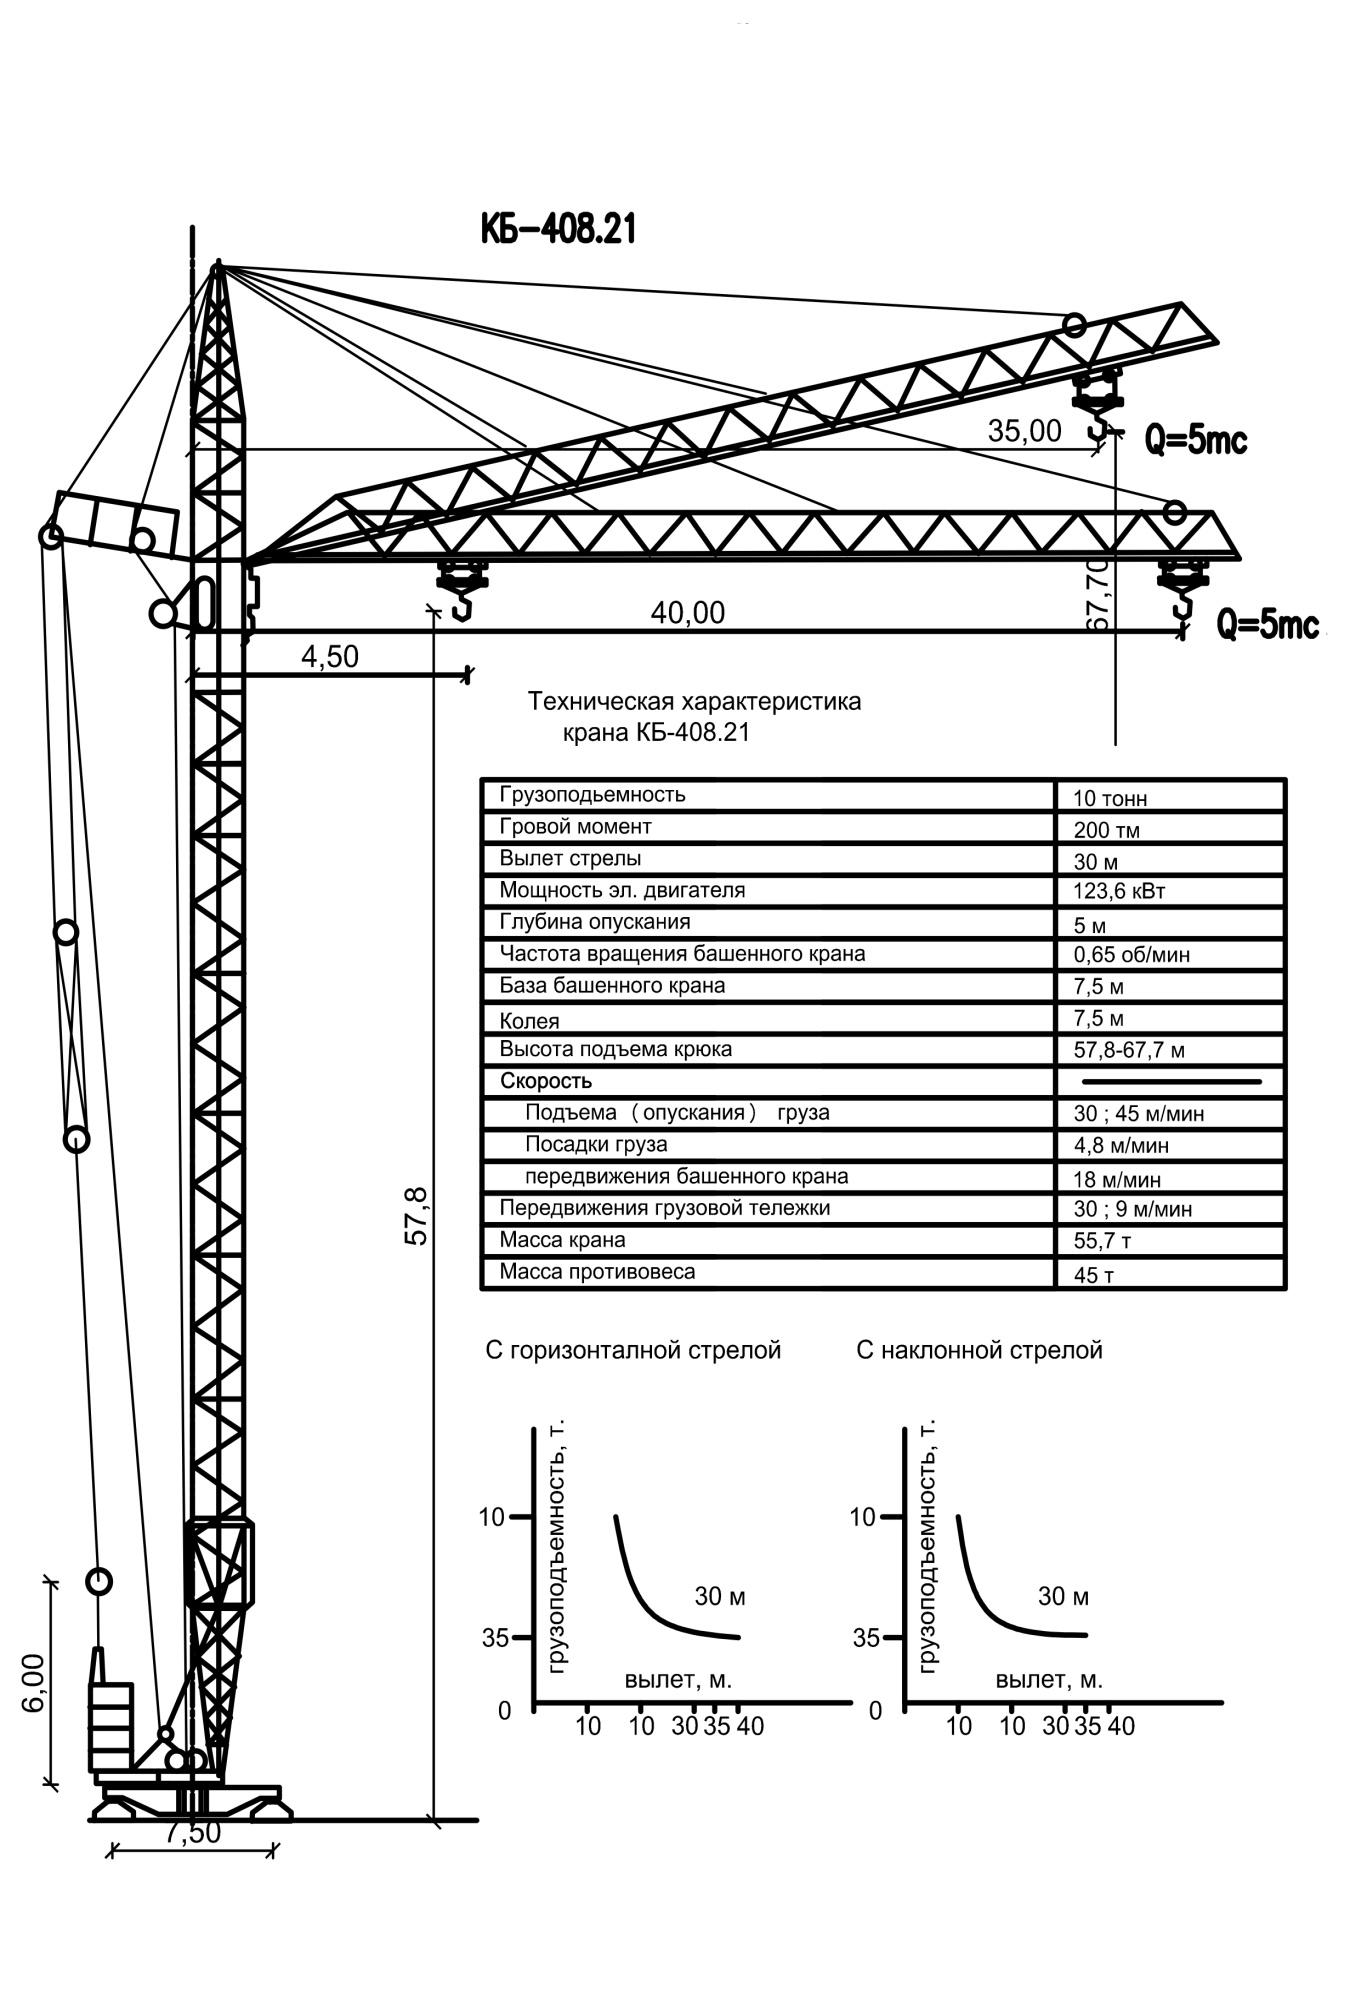 Передвижные башенные краны - аренда в москве и области: мобильные краны для строительства